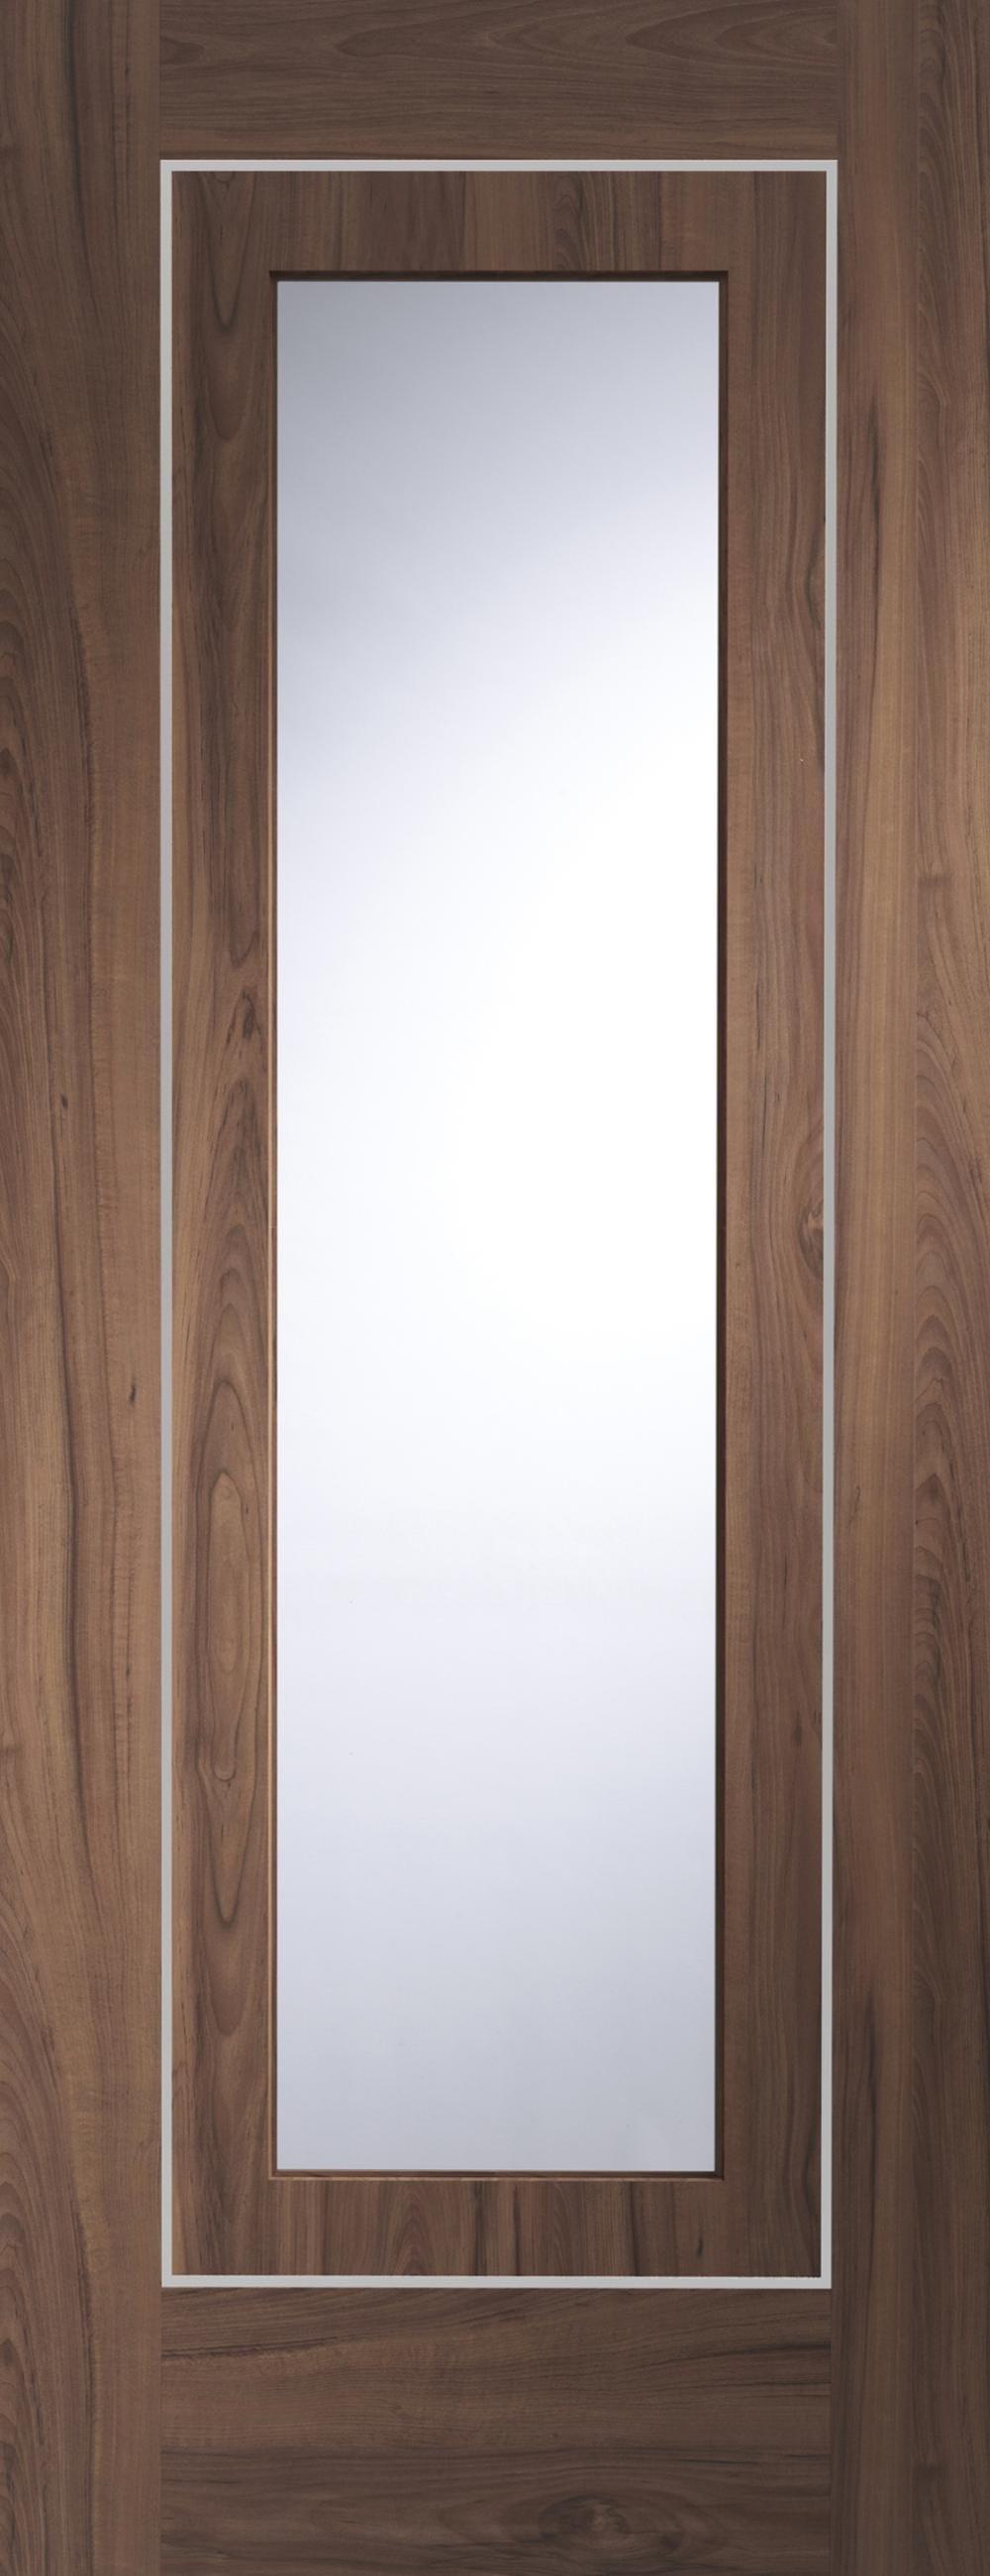 Varese Walnut Glazed - Prefinished  Image